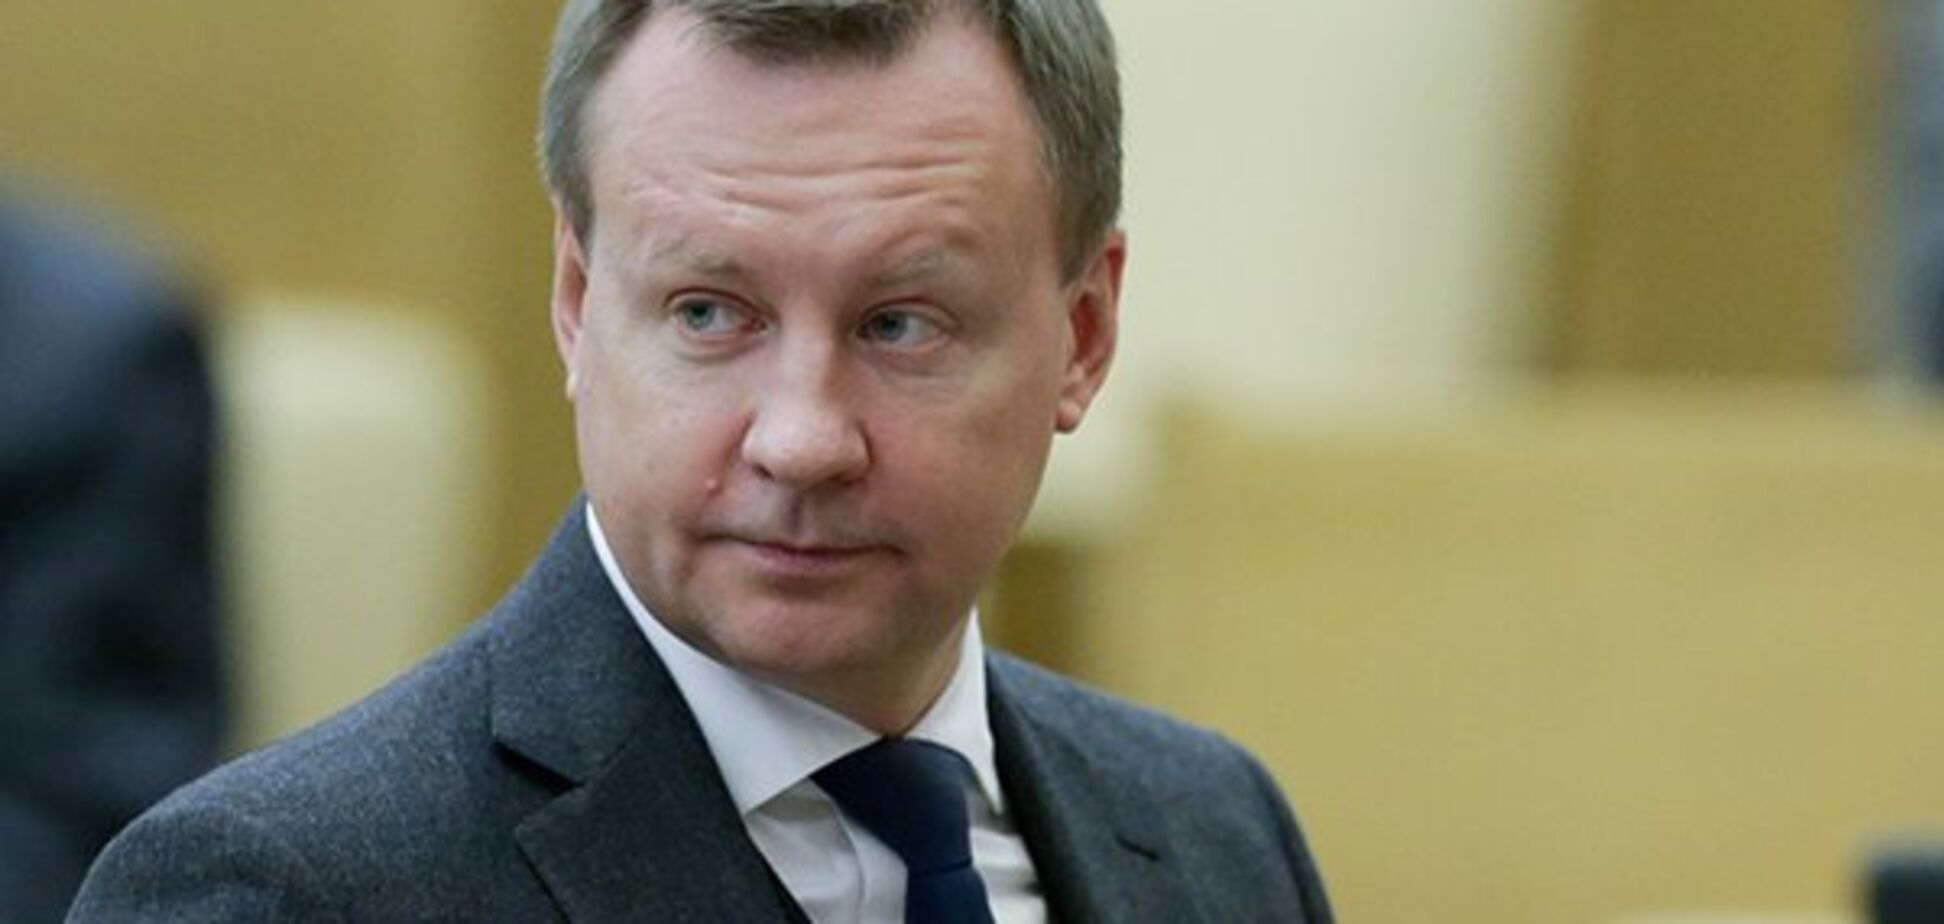 Прокуратура Киева высказалась о похищении в деле Вороненкова